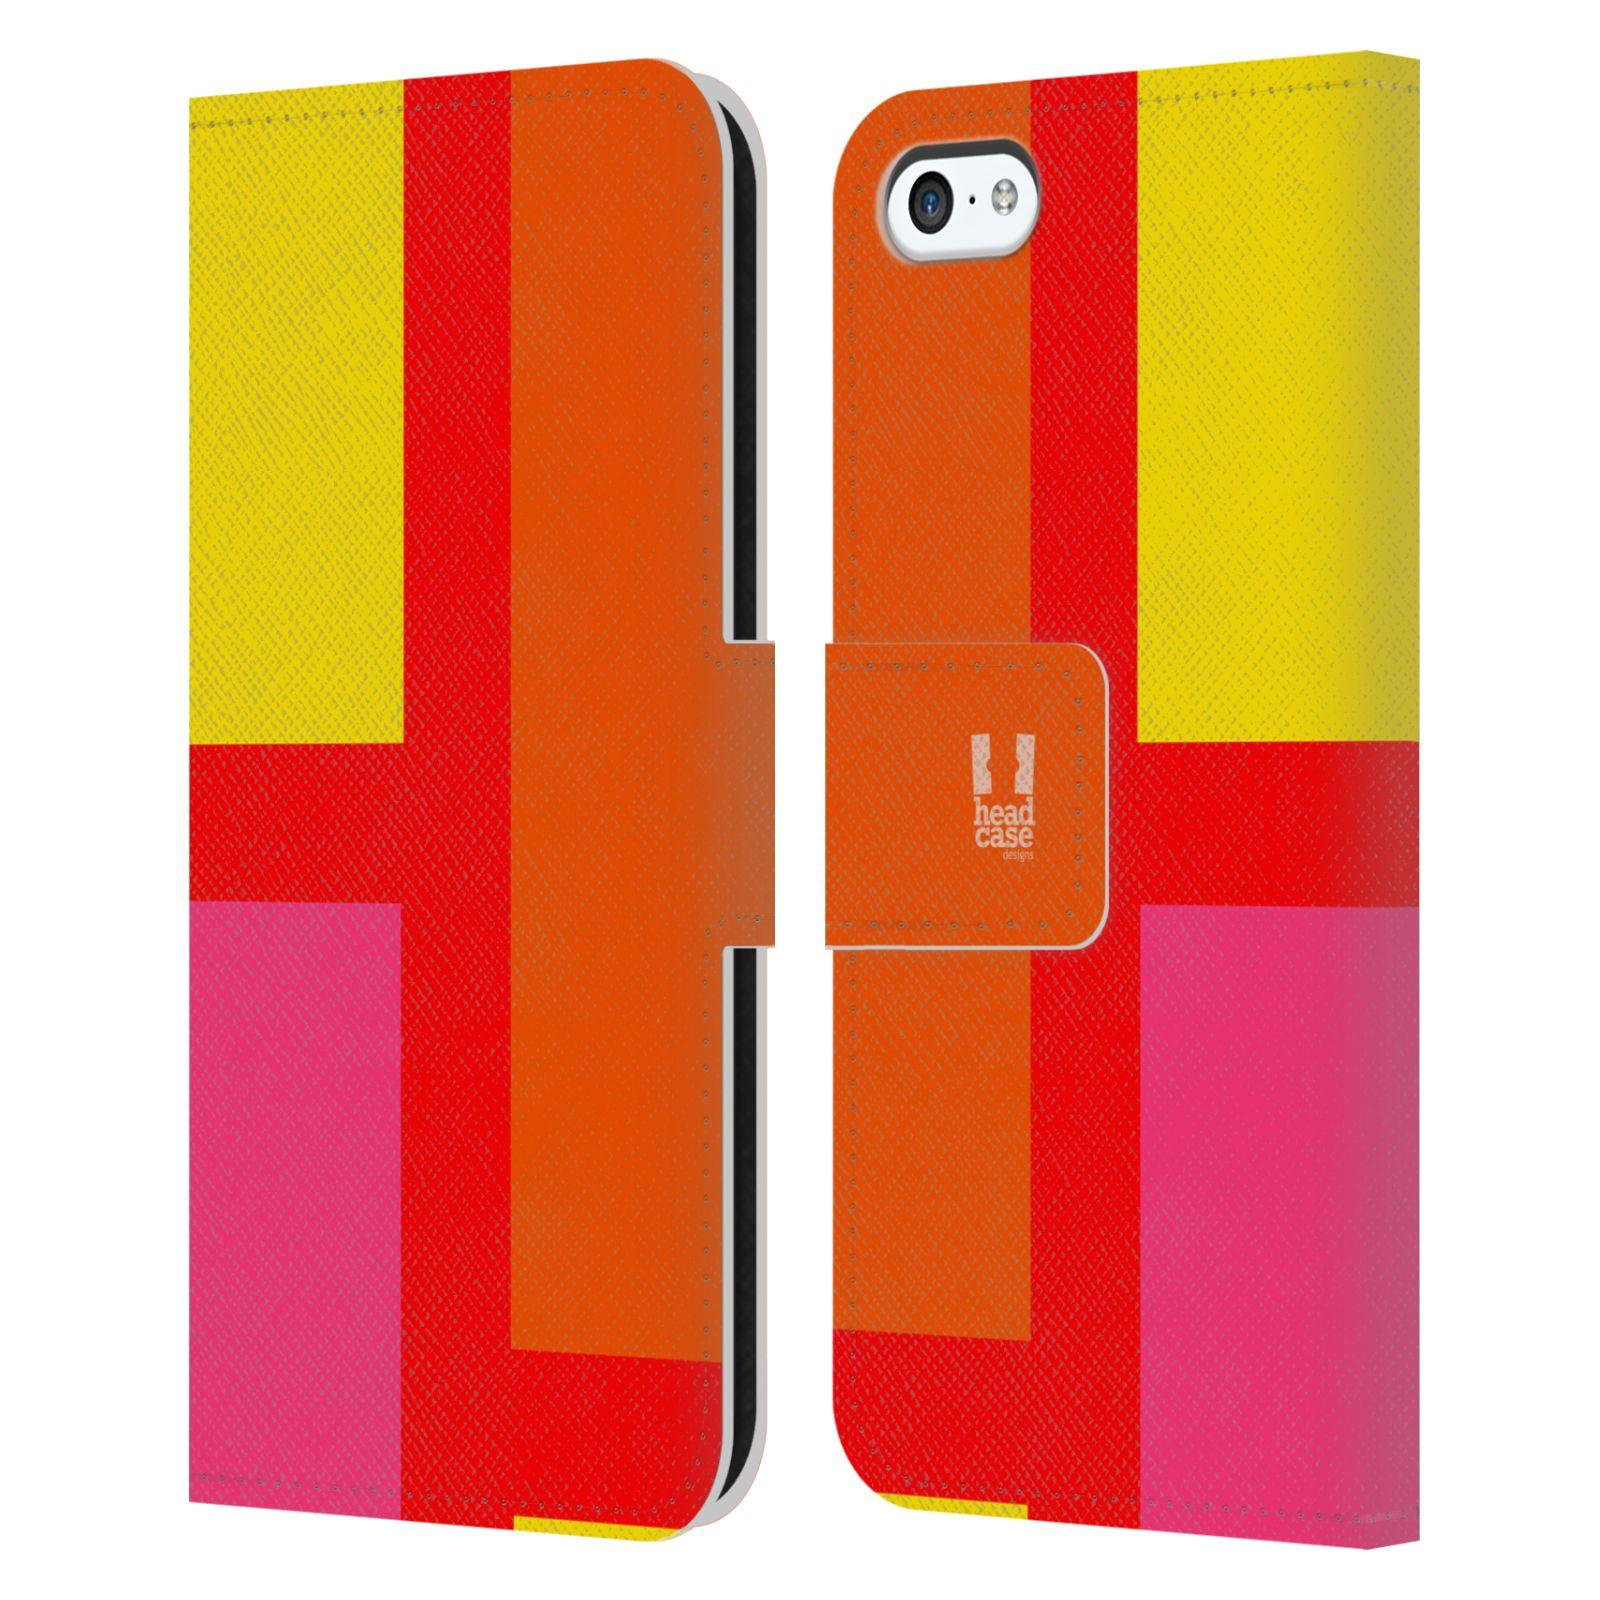 HEAD CASE Flipové pouzdro pro mobil Apple Iphone 5C barevné tvary oranžová ulice